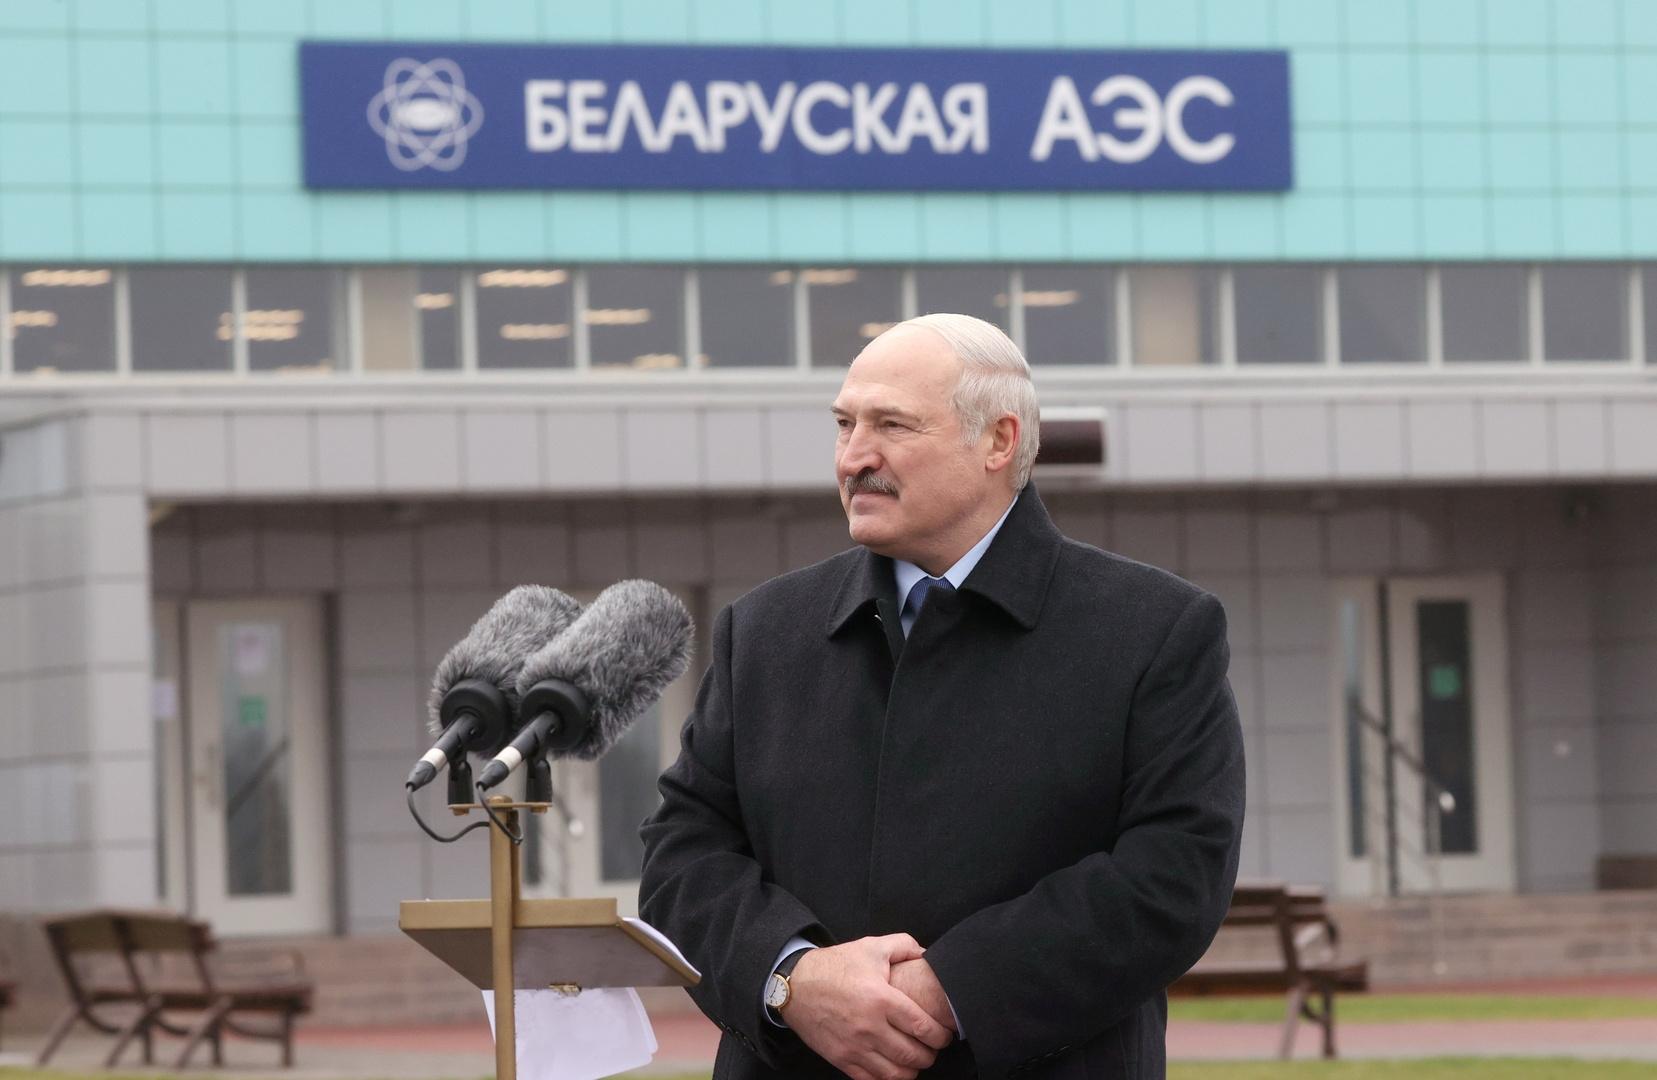 لوكاشينكو: اكتشفنا مع الروس مركزين للاستخبارات الأمريكية في أوكرانيا وبولندا